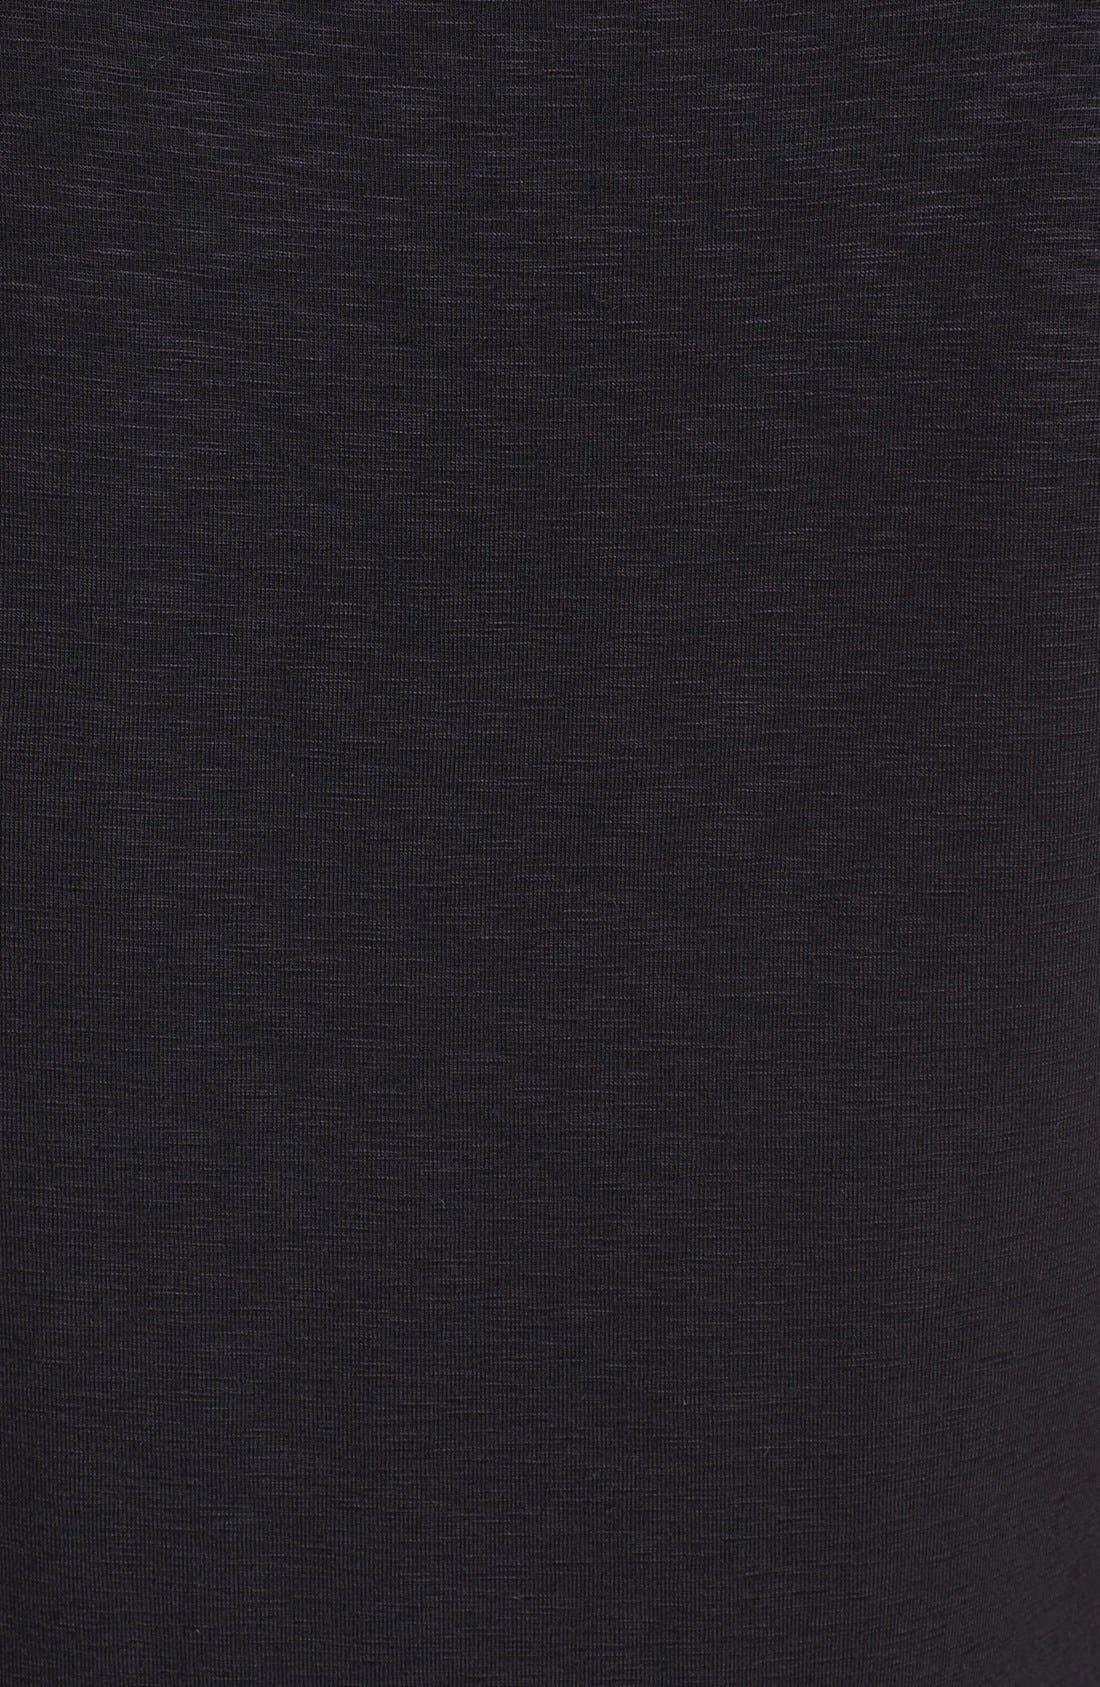 Alternate Image 3  - Santorelli Cap Sleeve Tee